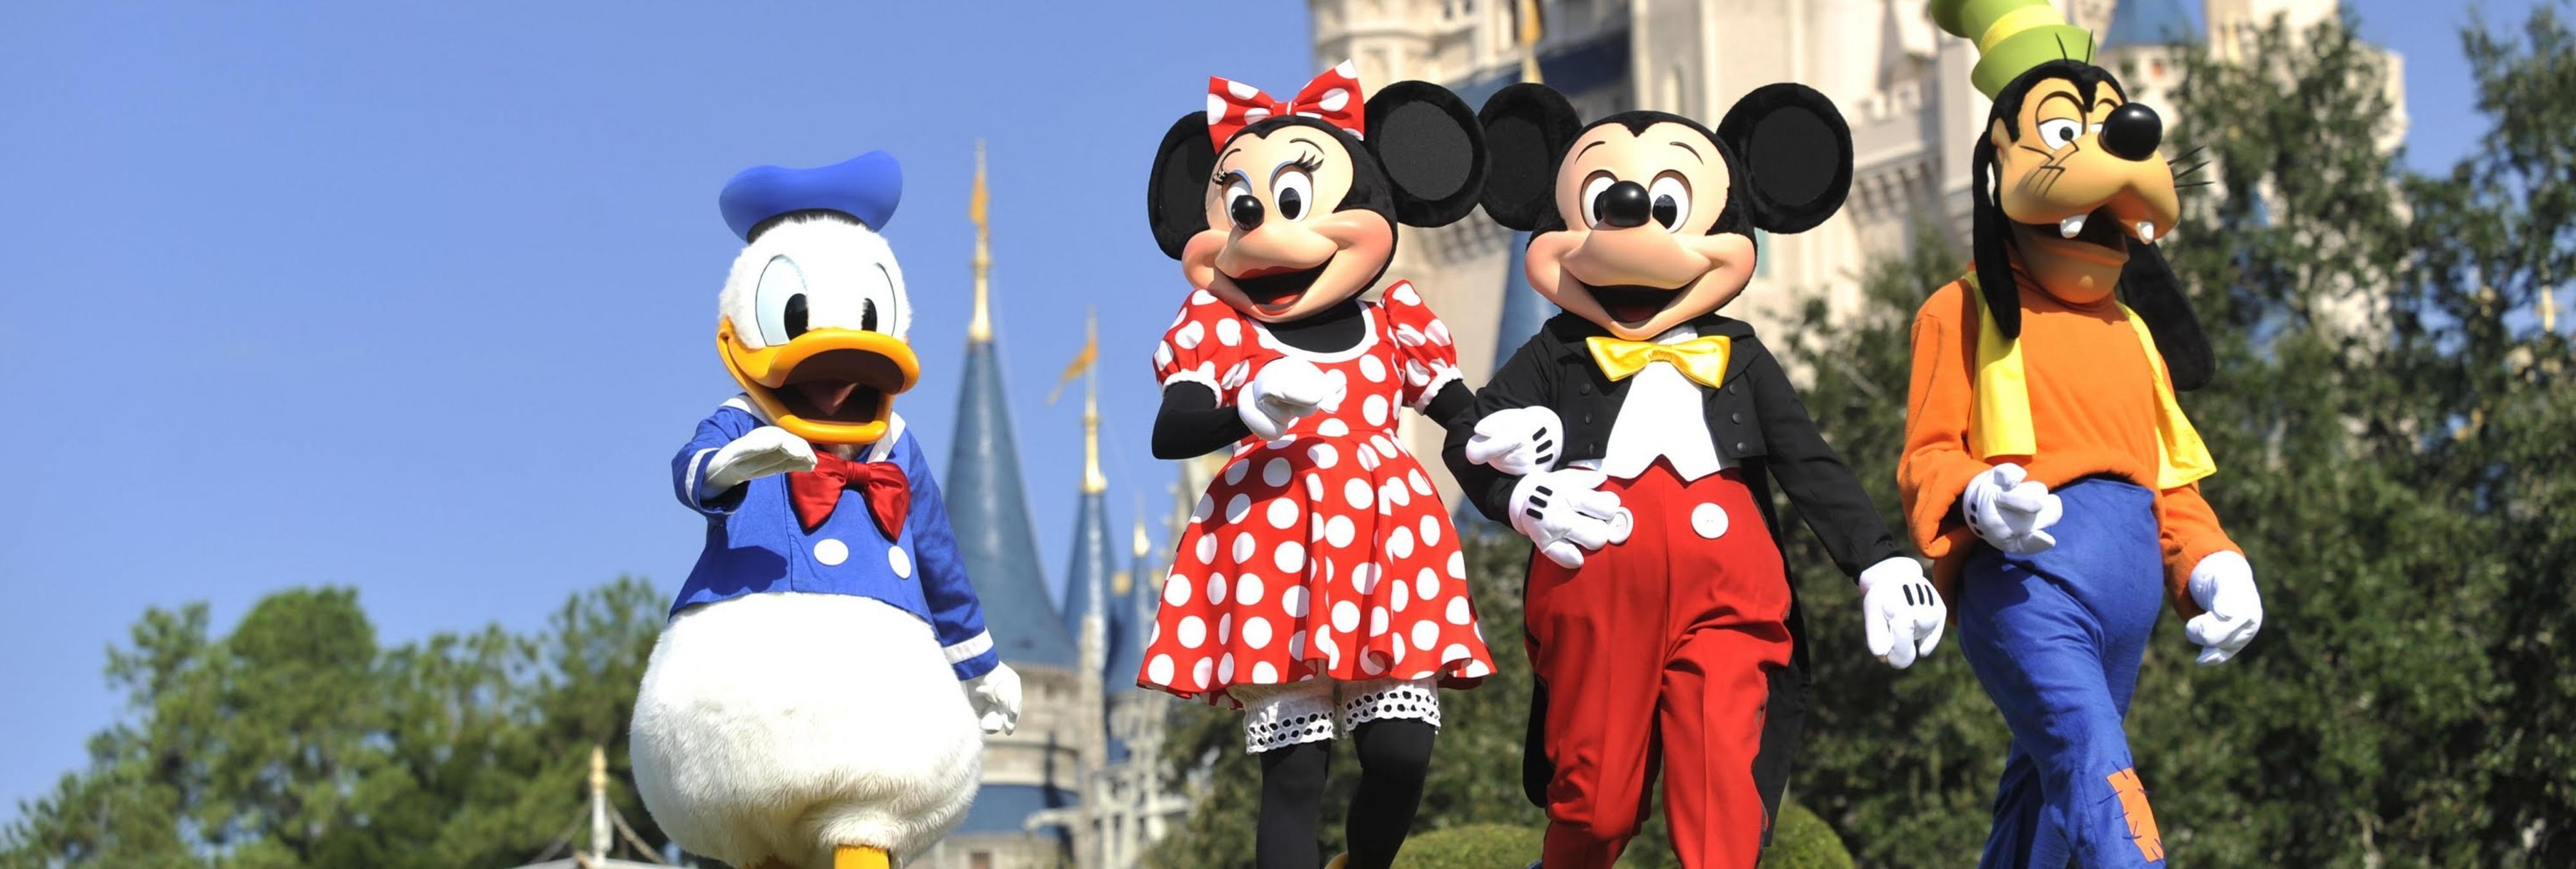 Disney, denunciada por espiar y traficar con datos privados de menores